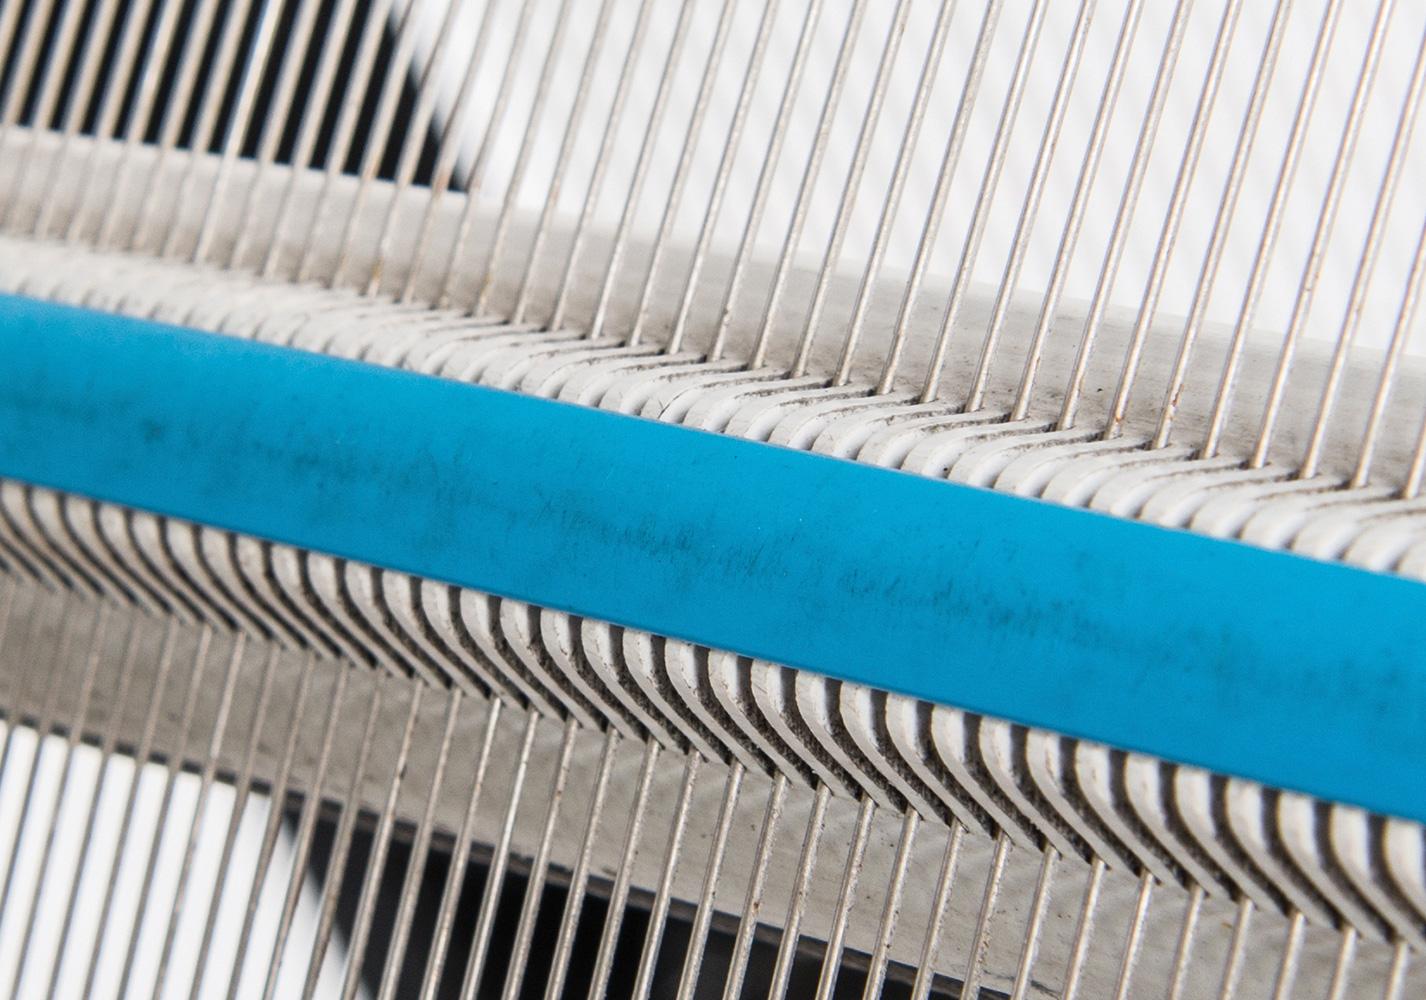 Piano wire screens – Brimonn